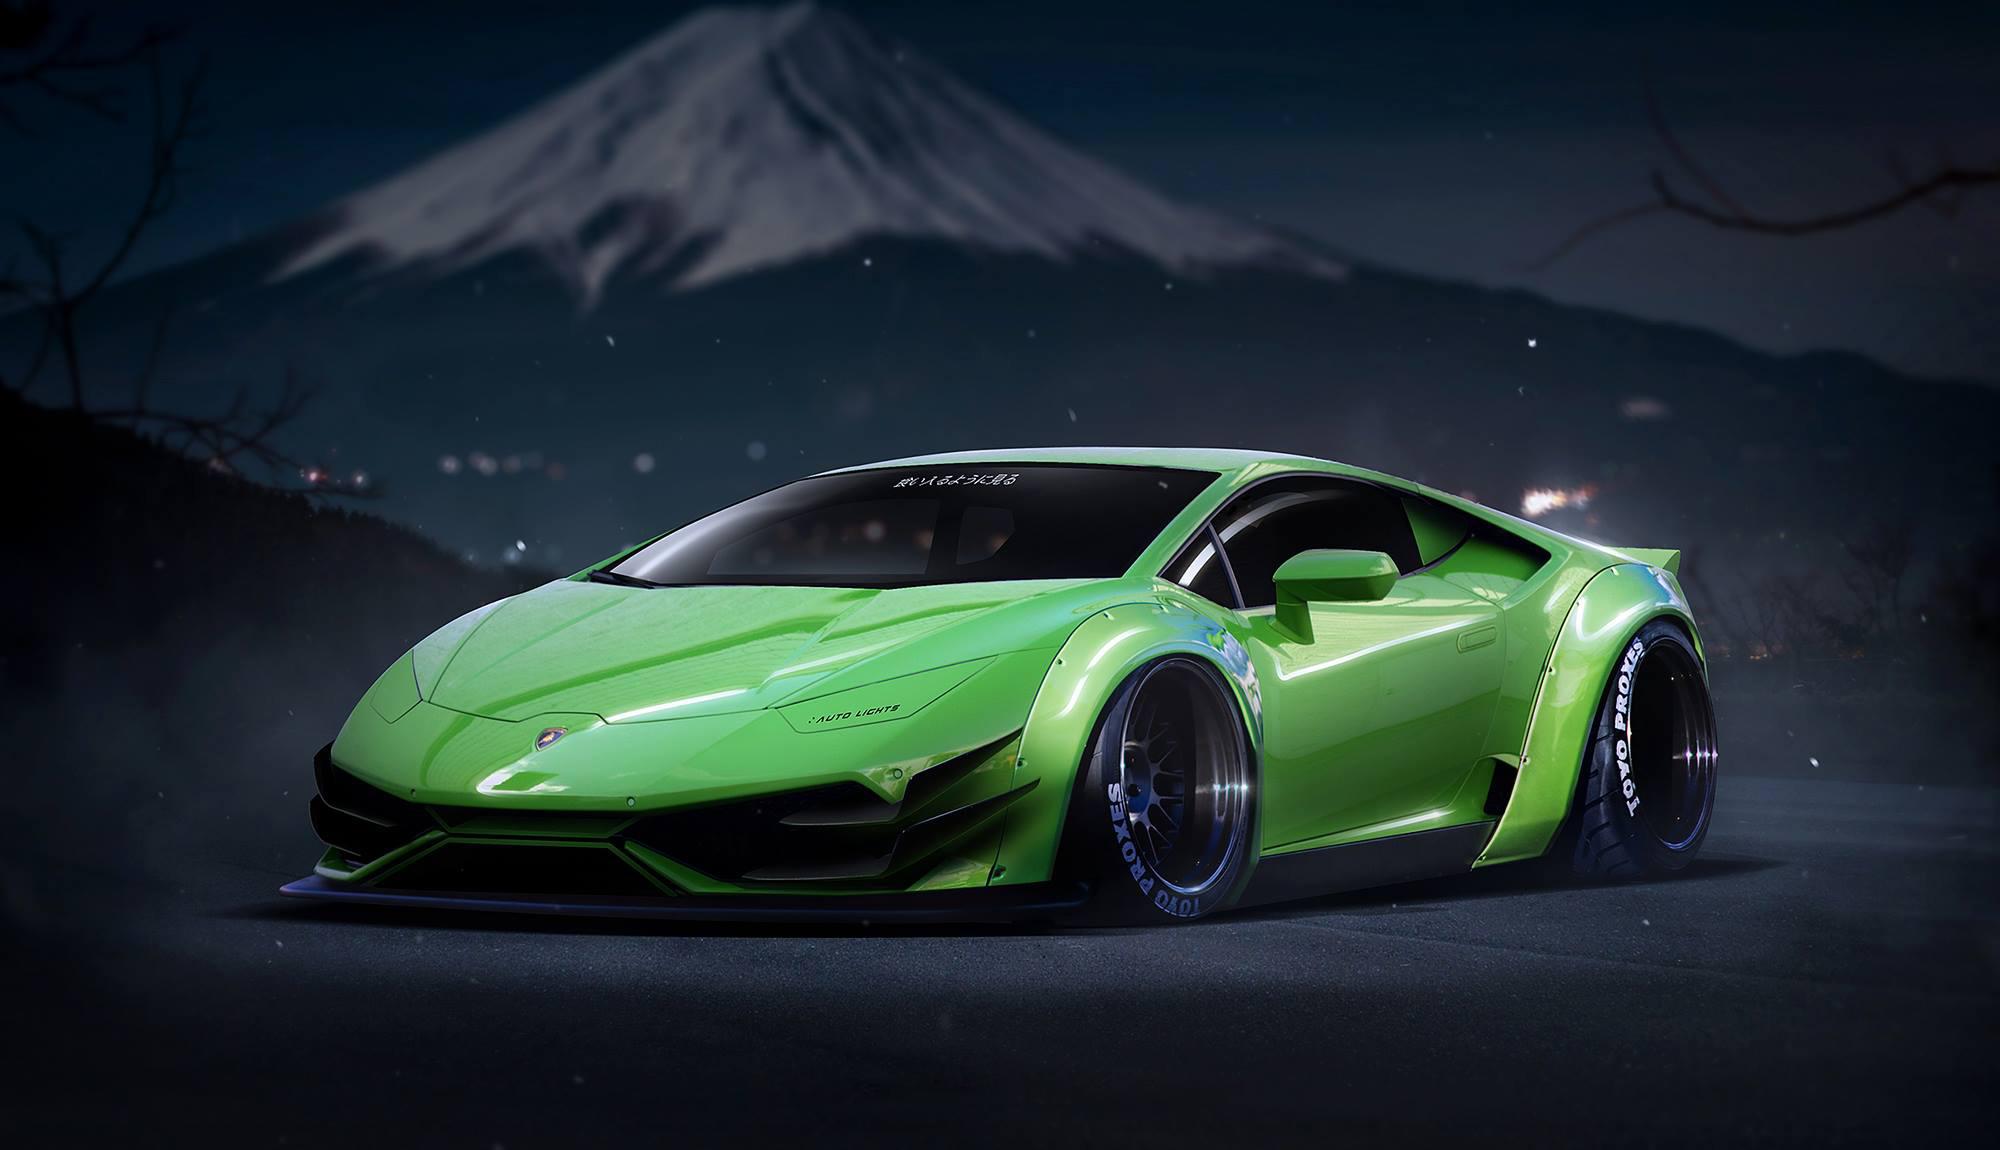 116695 download wallpaper Lamborghini, Cars, Lp640-4, Huracan screensavers and pictures for free